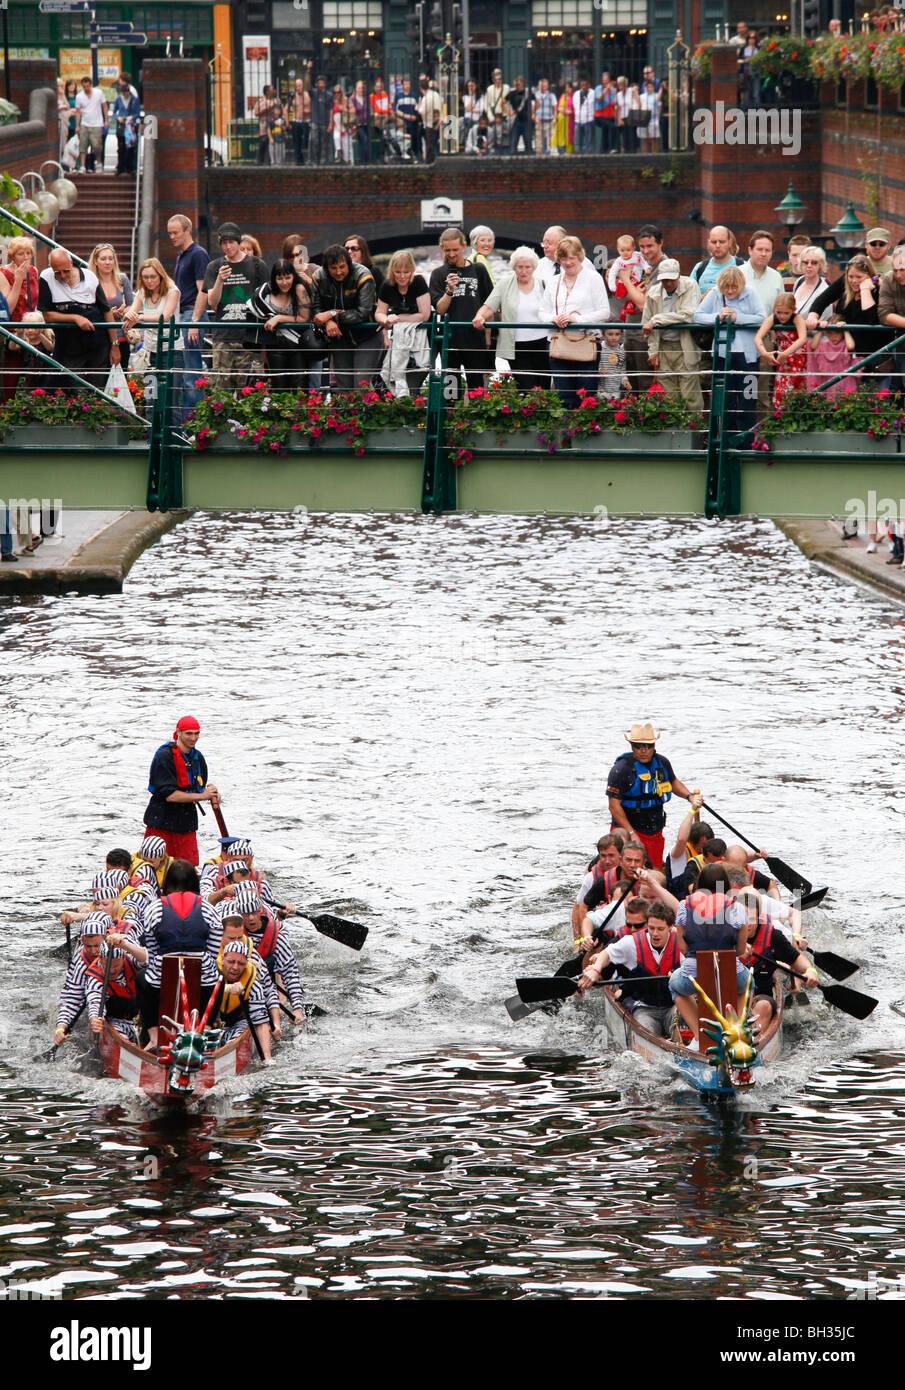 La course de bateaux-dragons sur le canal à Brindleyplace, Birmingham. Photo Stock